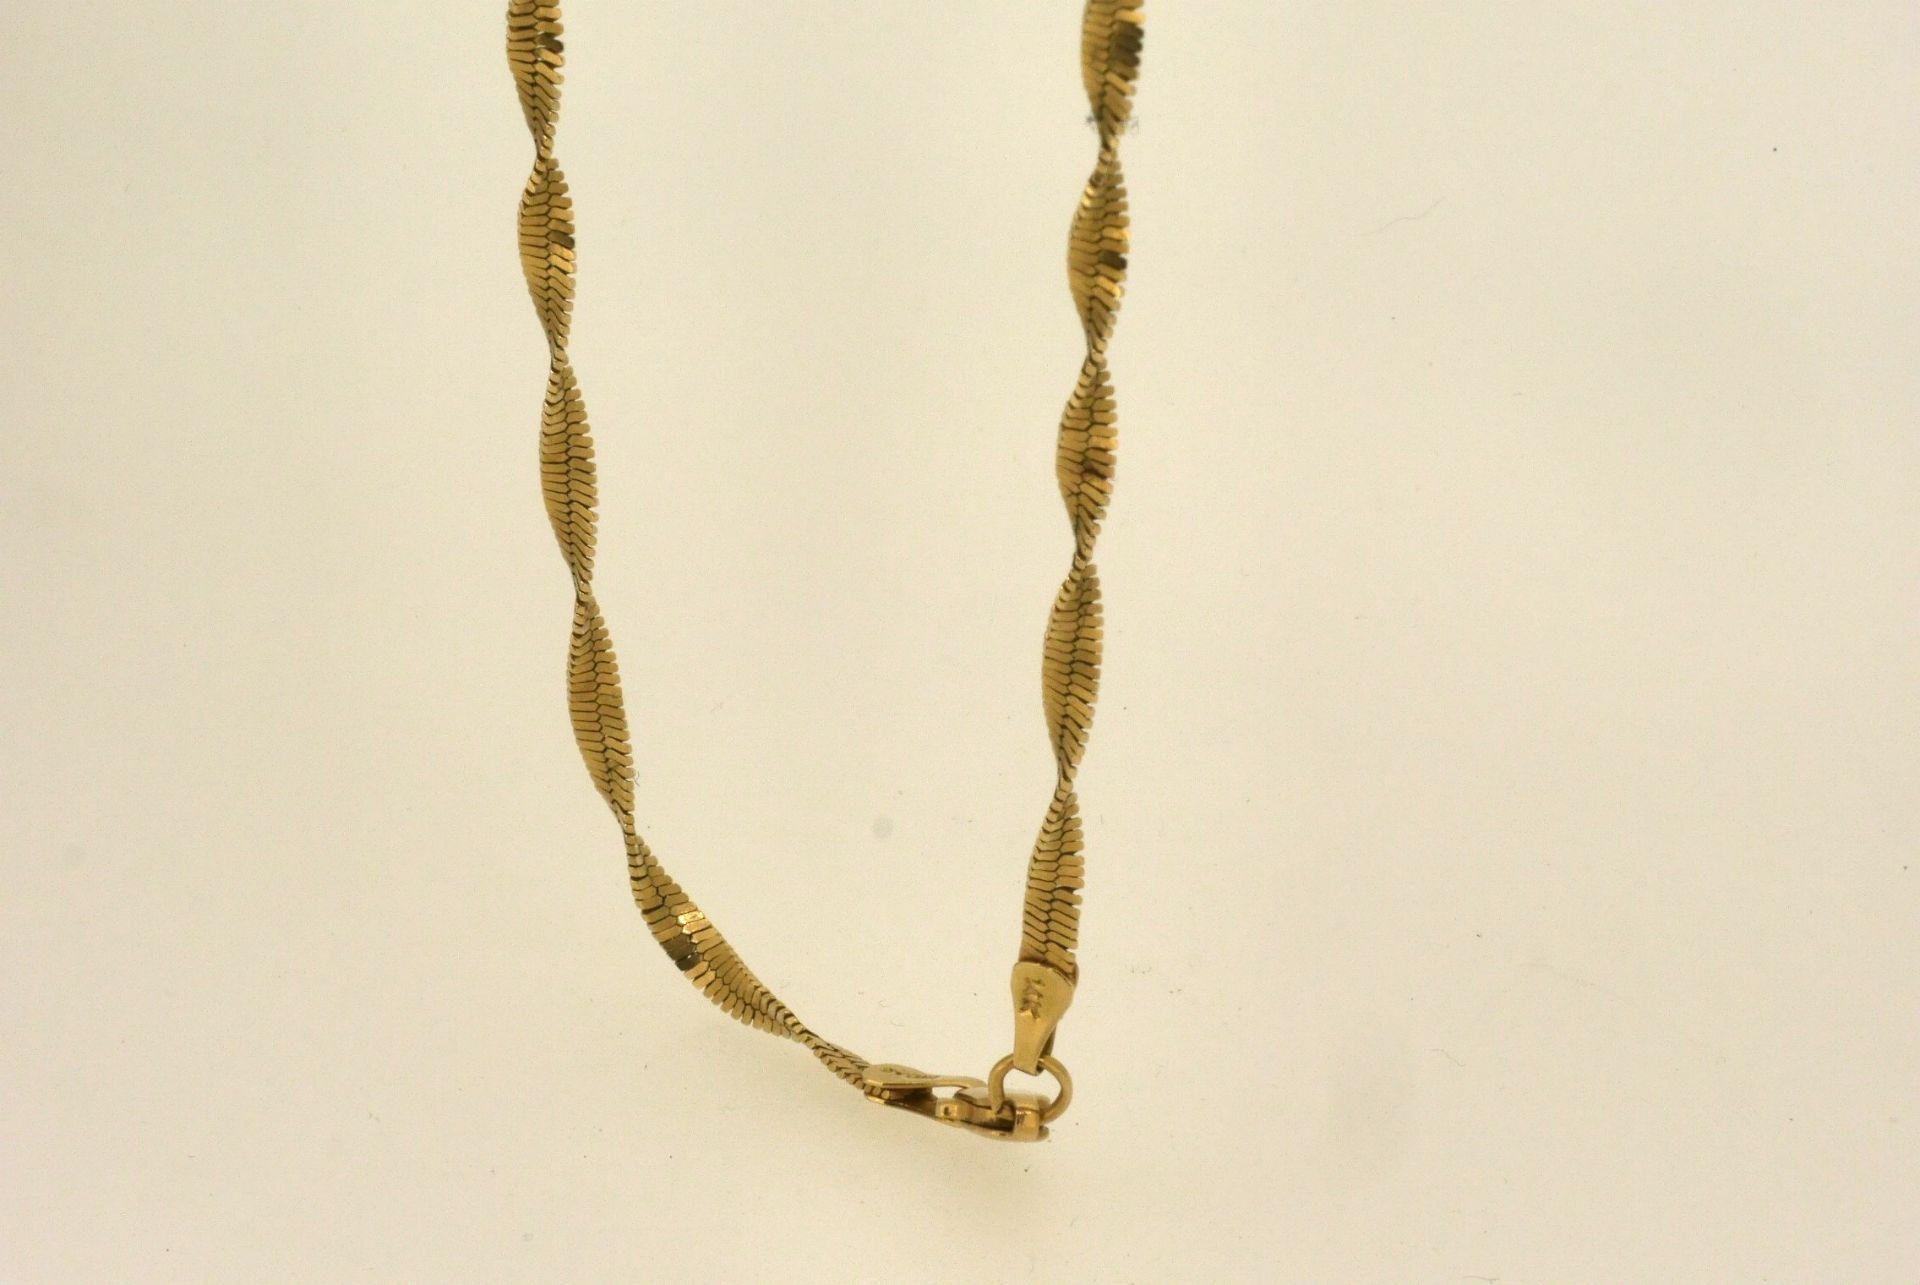 Halskette  GG 585, 52 cm, 9,36 Gramm